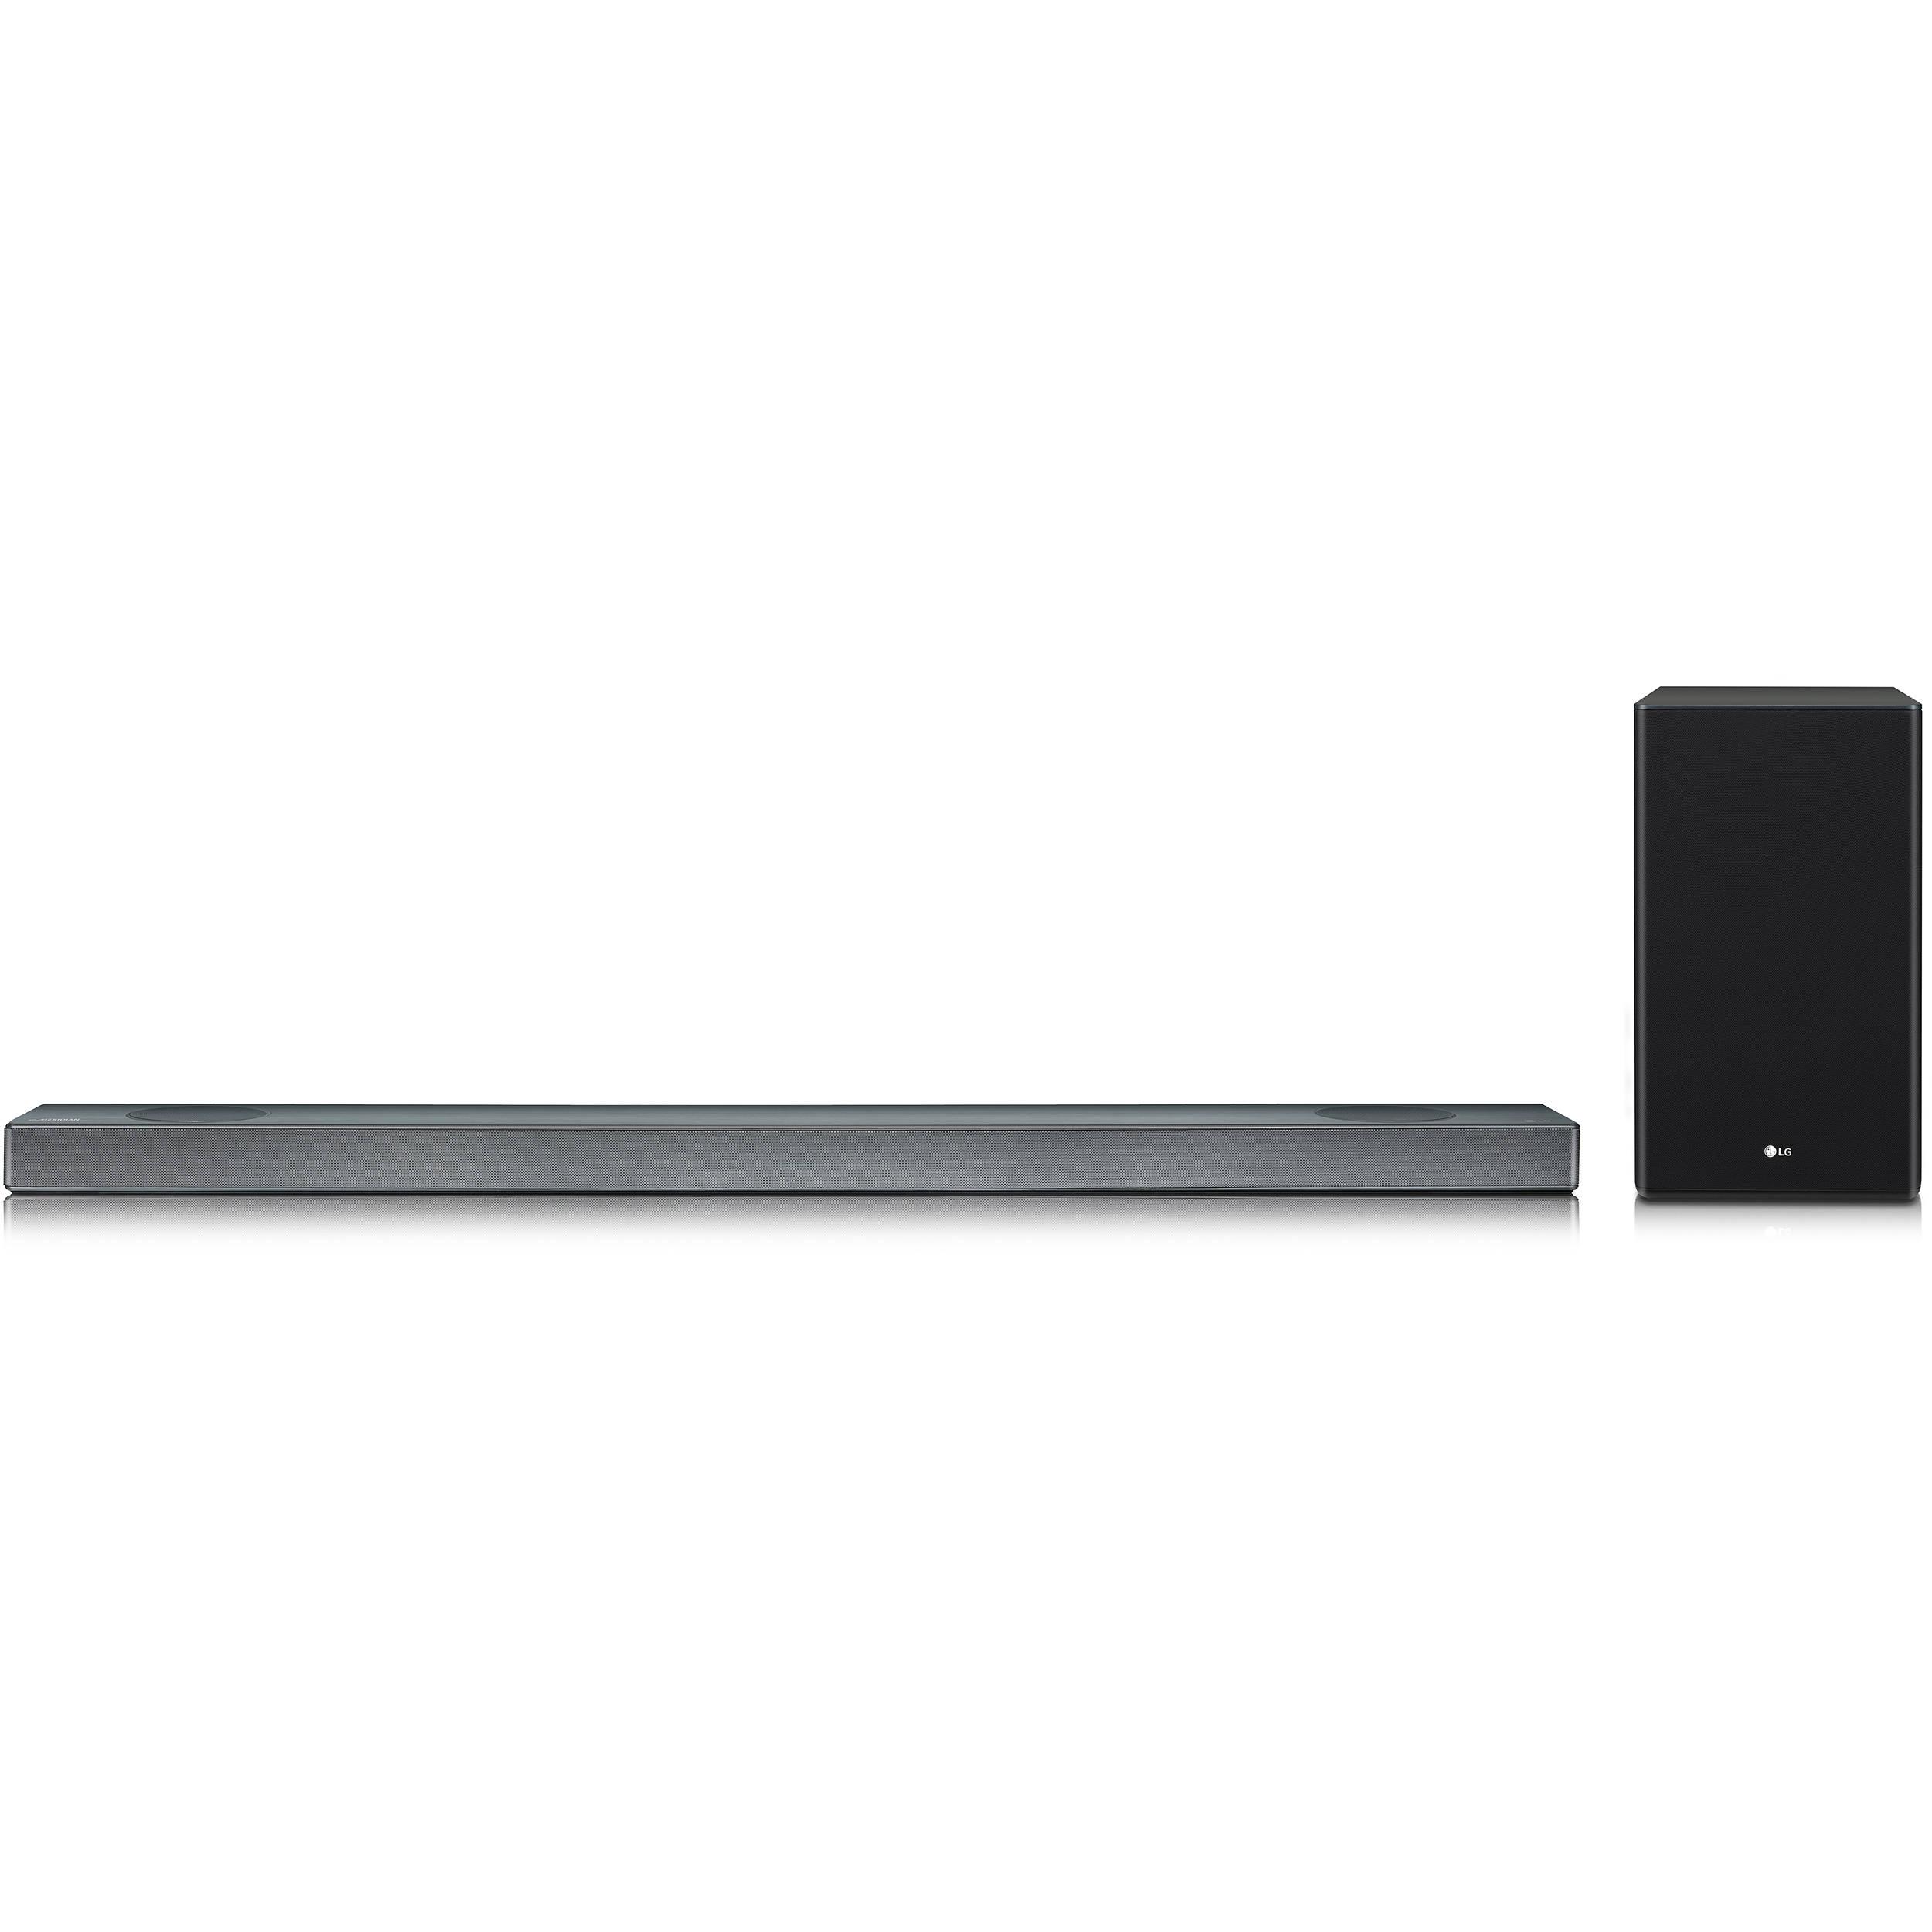 45bdf64a94c LG SL9YG 500W Virtual 4.1.2-Channel Soundbar System SL9YG B&H